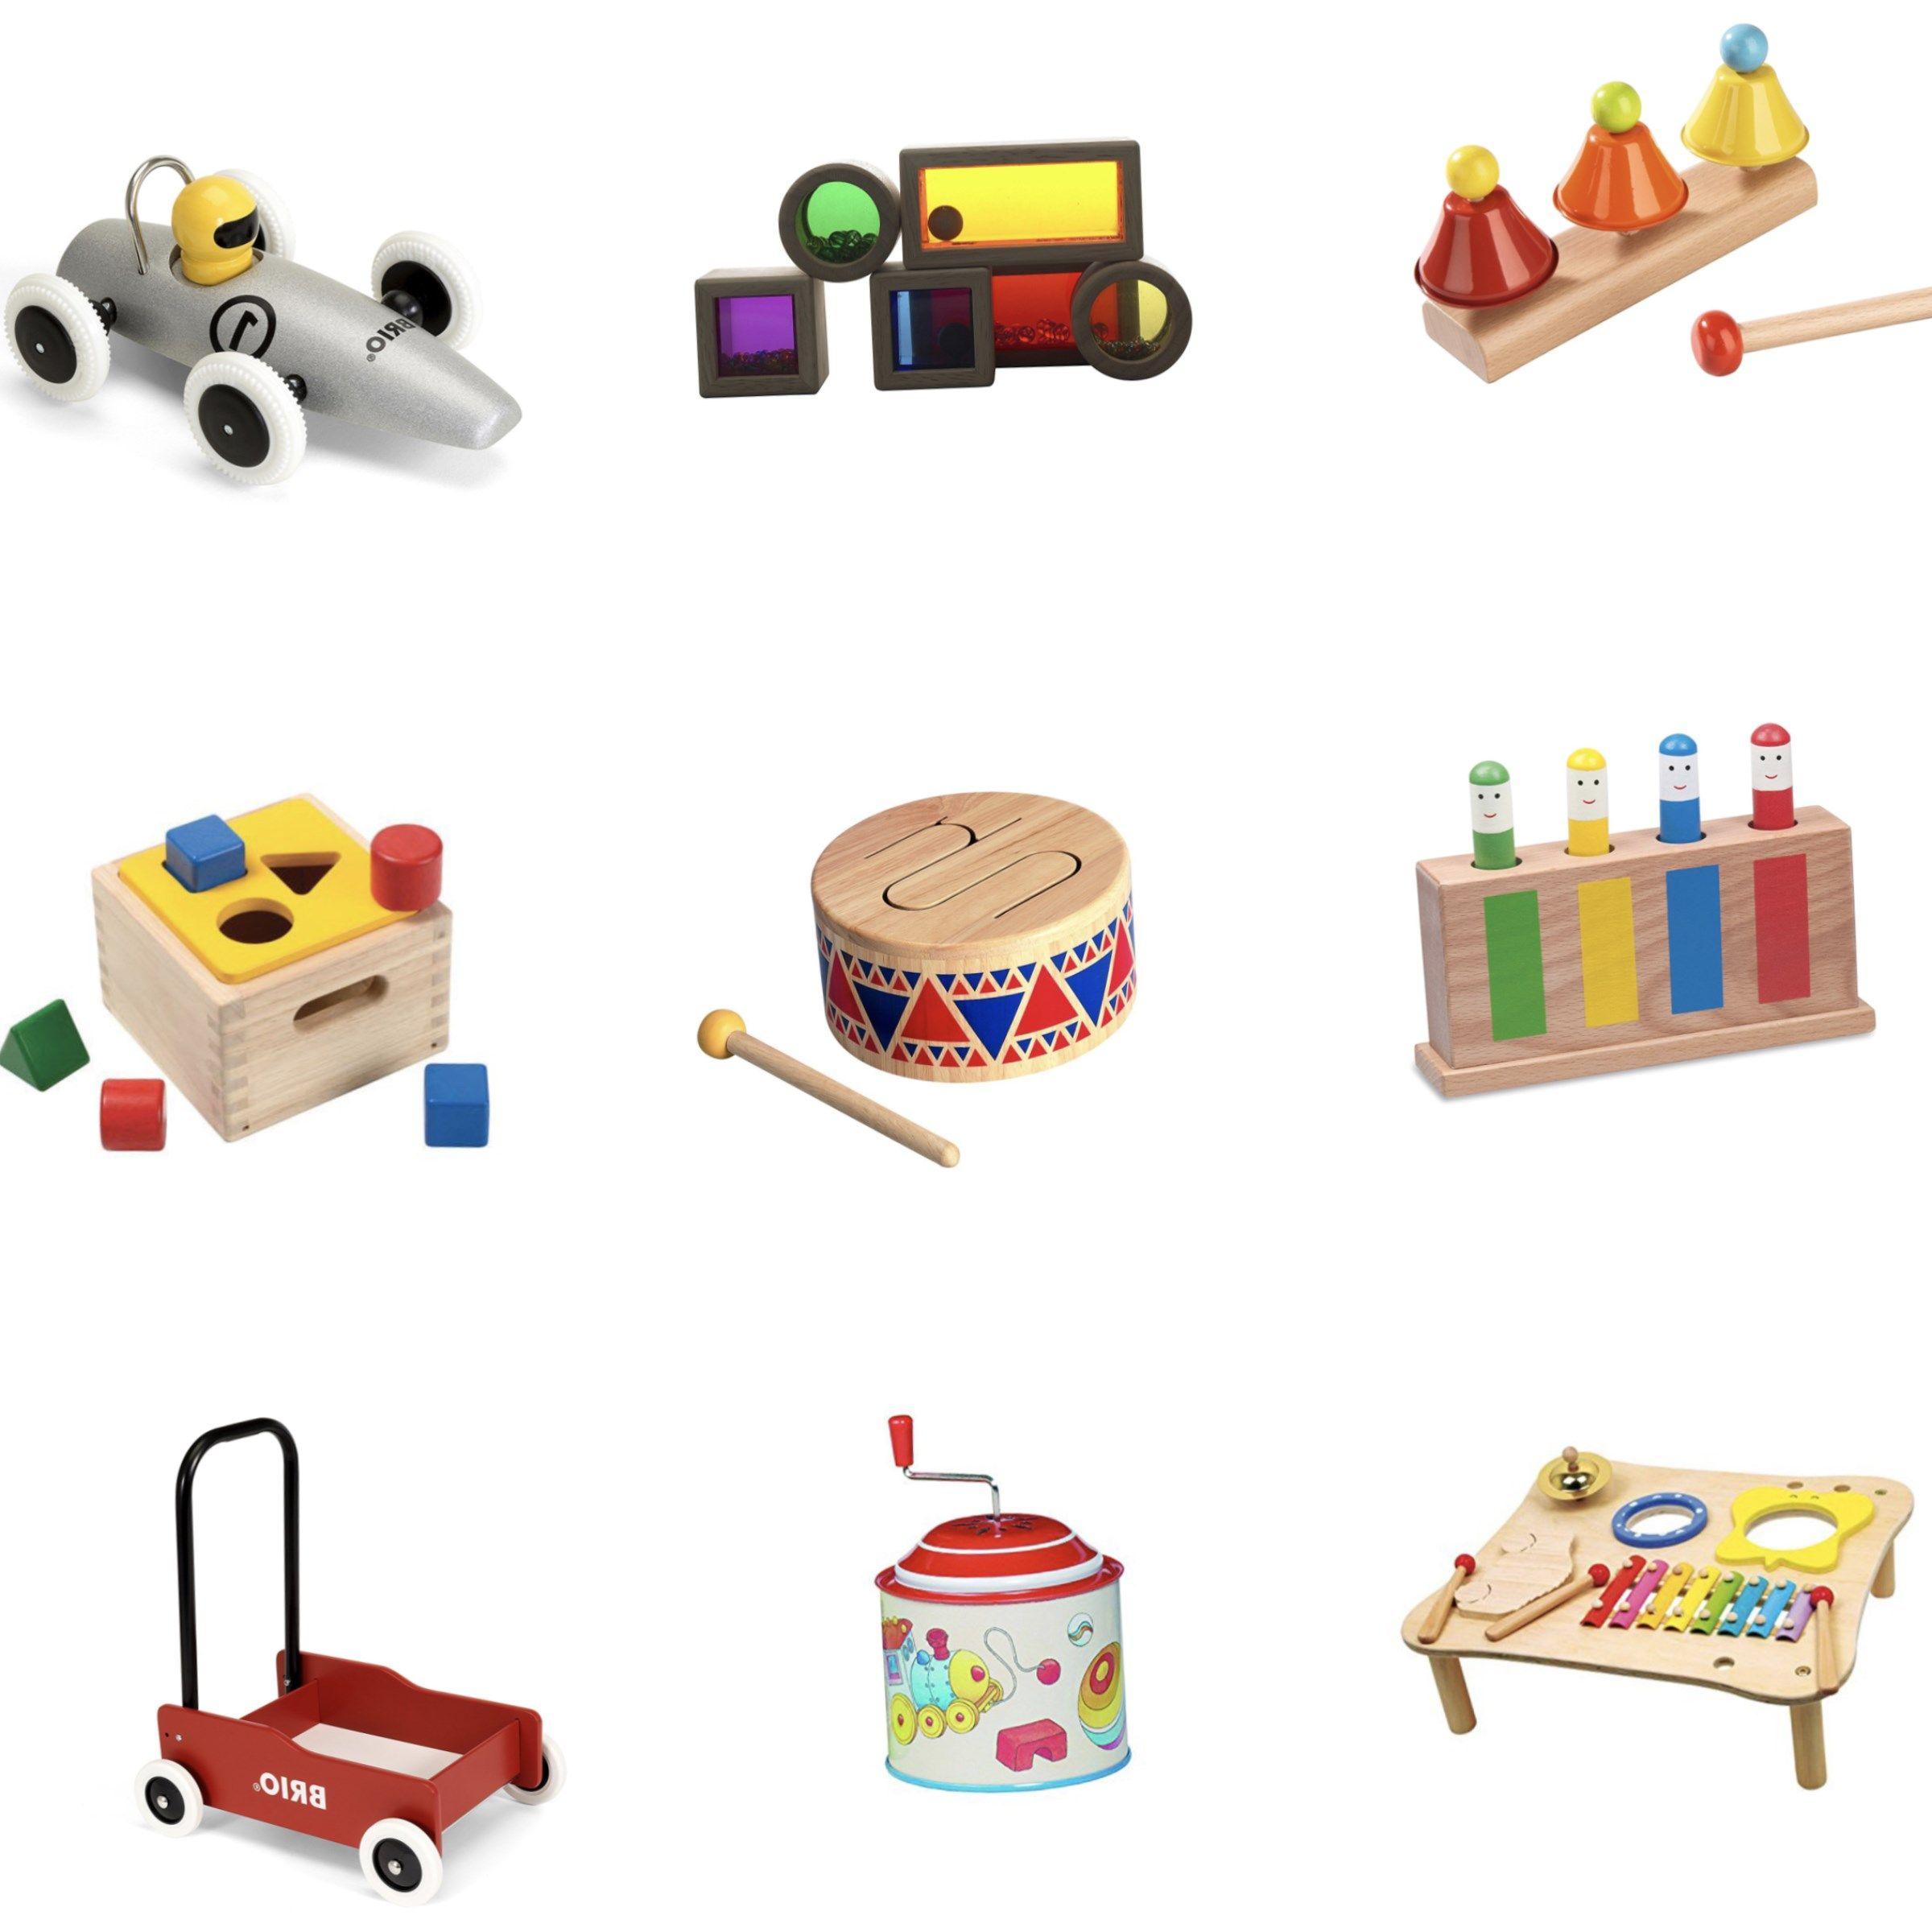 Kinder geschenke 1 jahr. | Geschenke, Geschenke für kinder